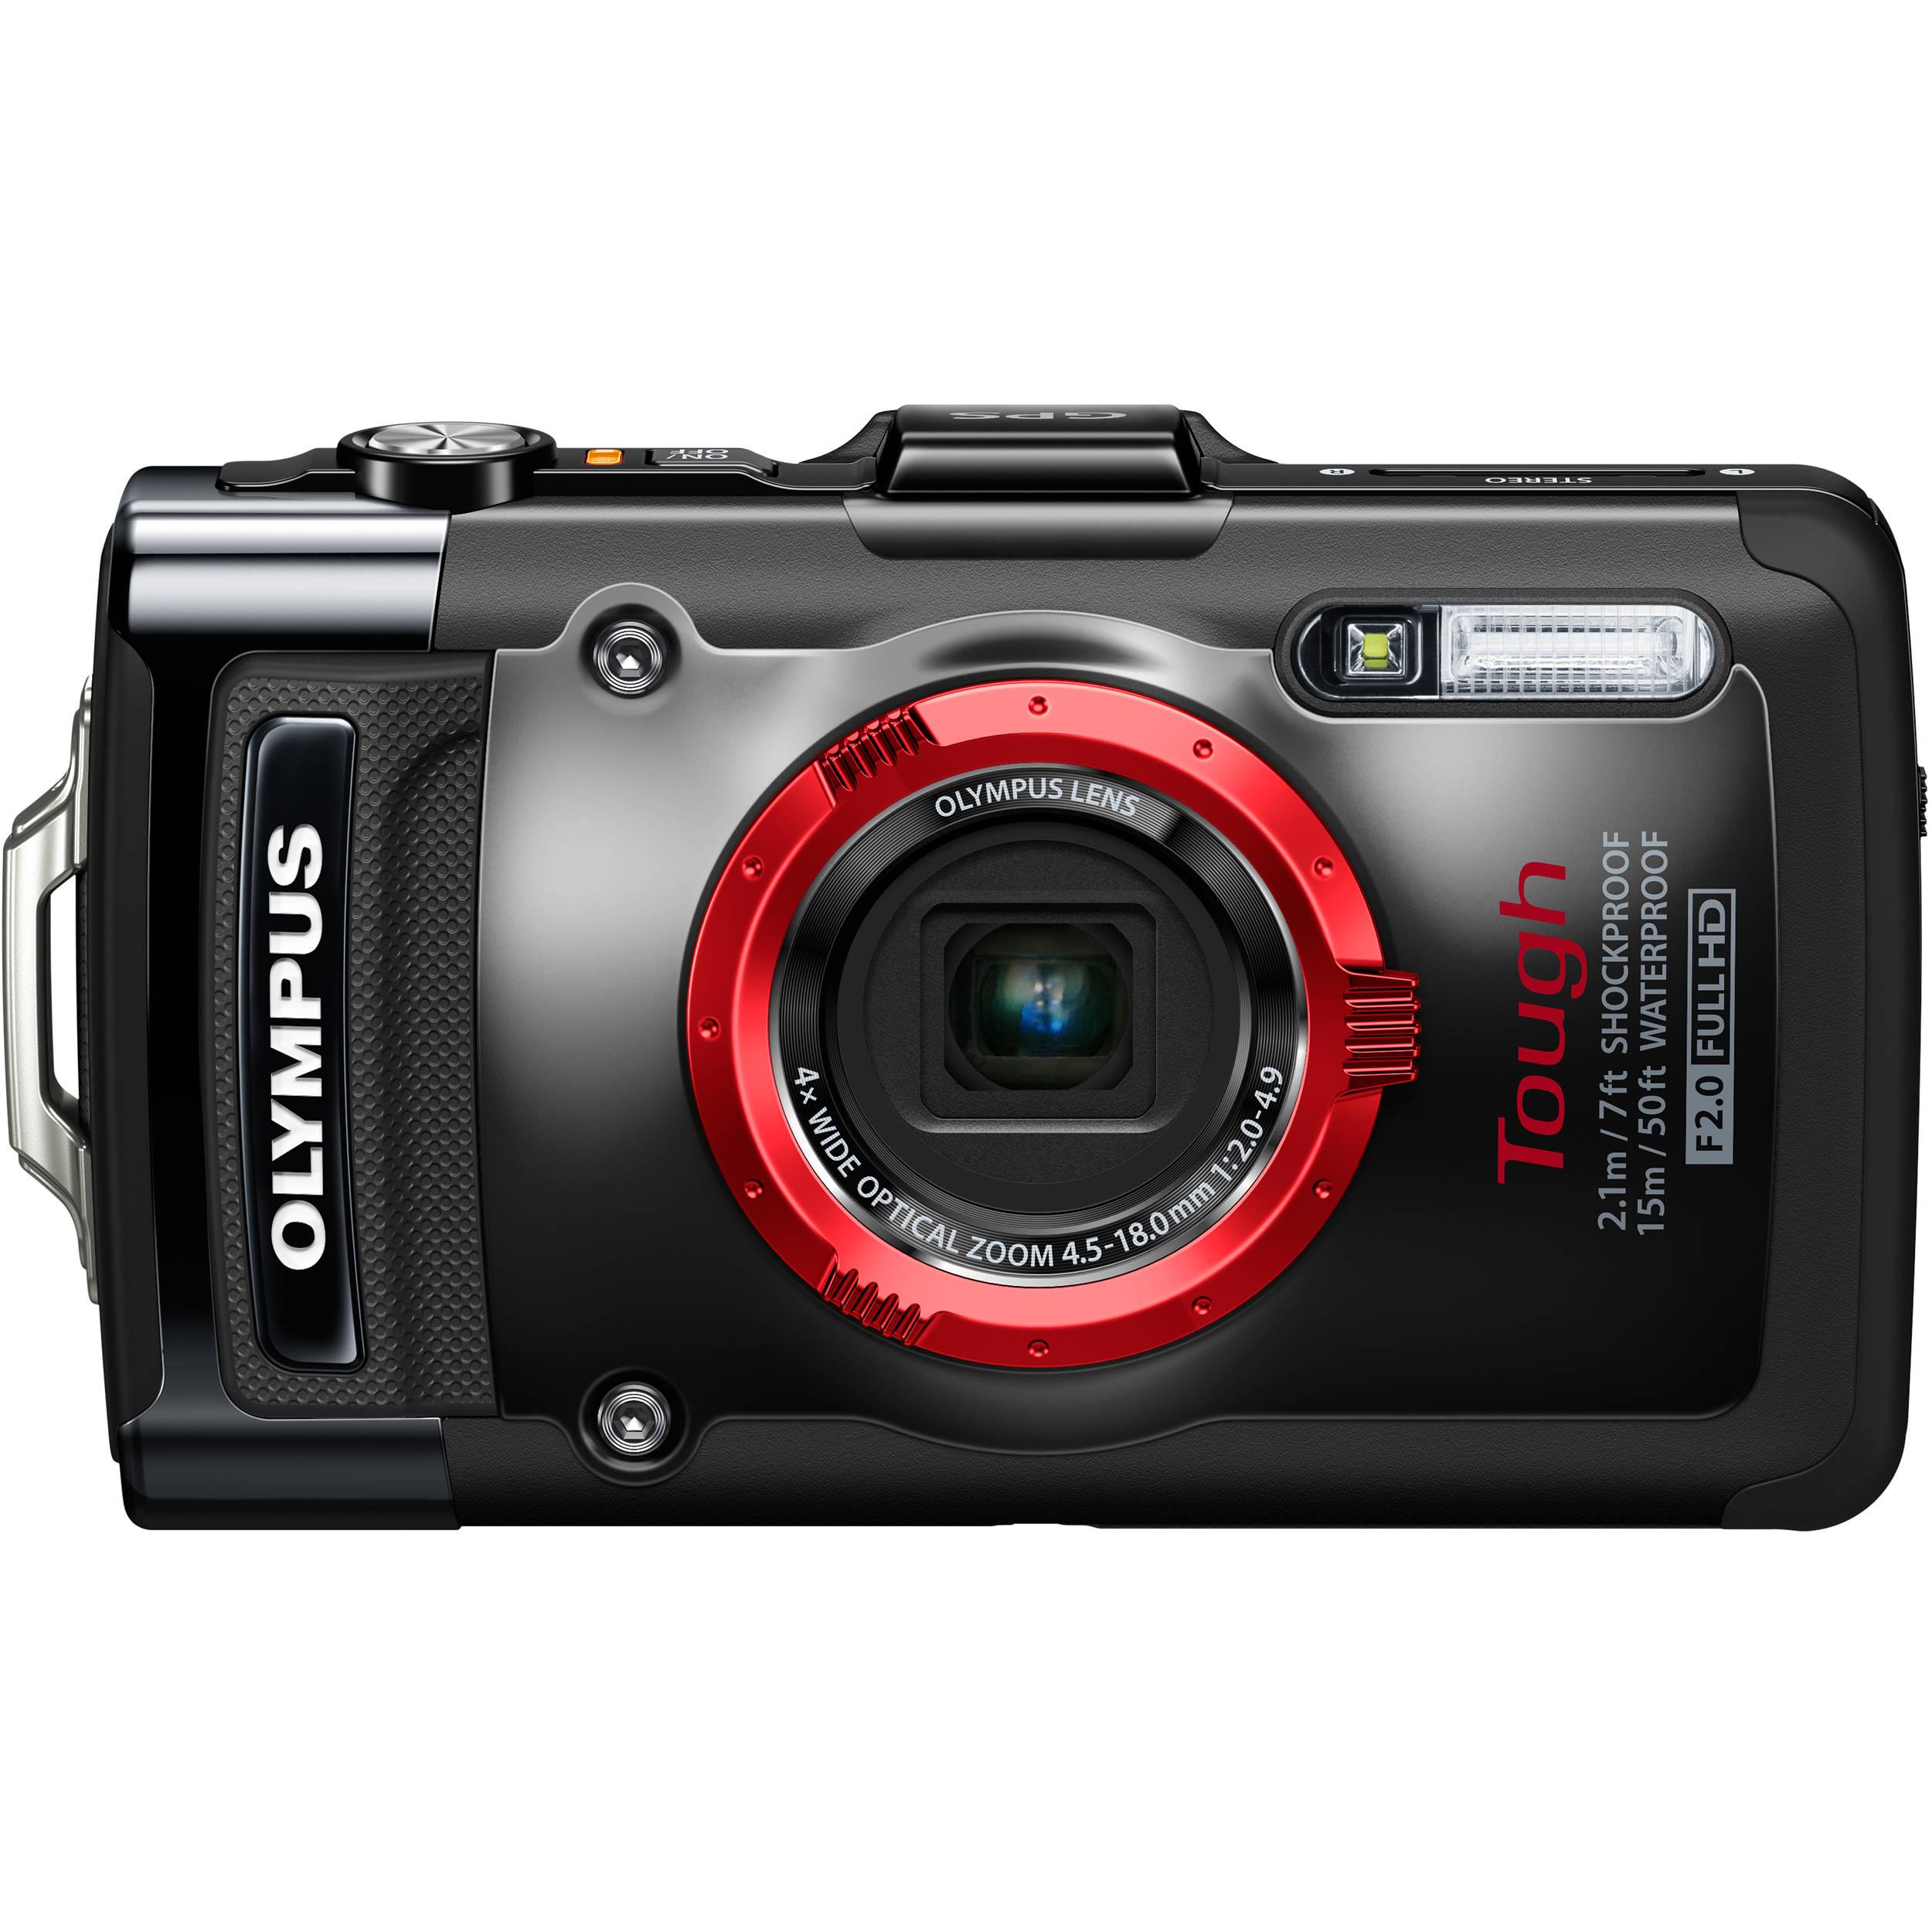 Olympus Digital Camera: Olympus Tough TG-2 IHS Digital Camera (Black) V104120BU000 B&H